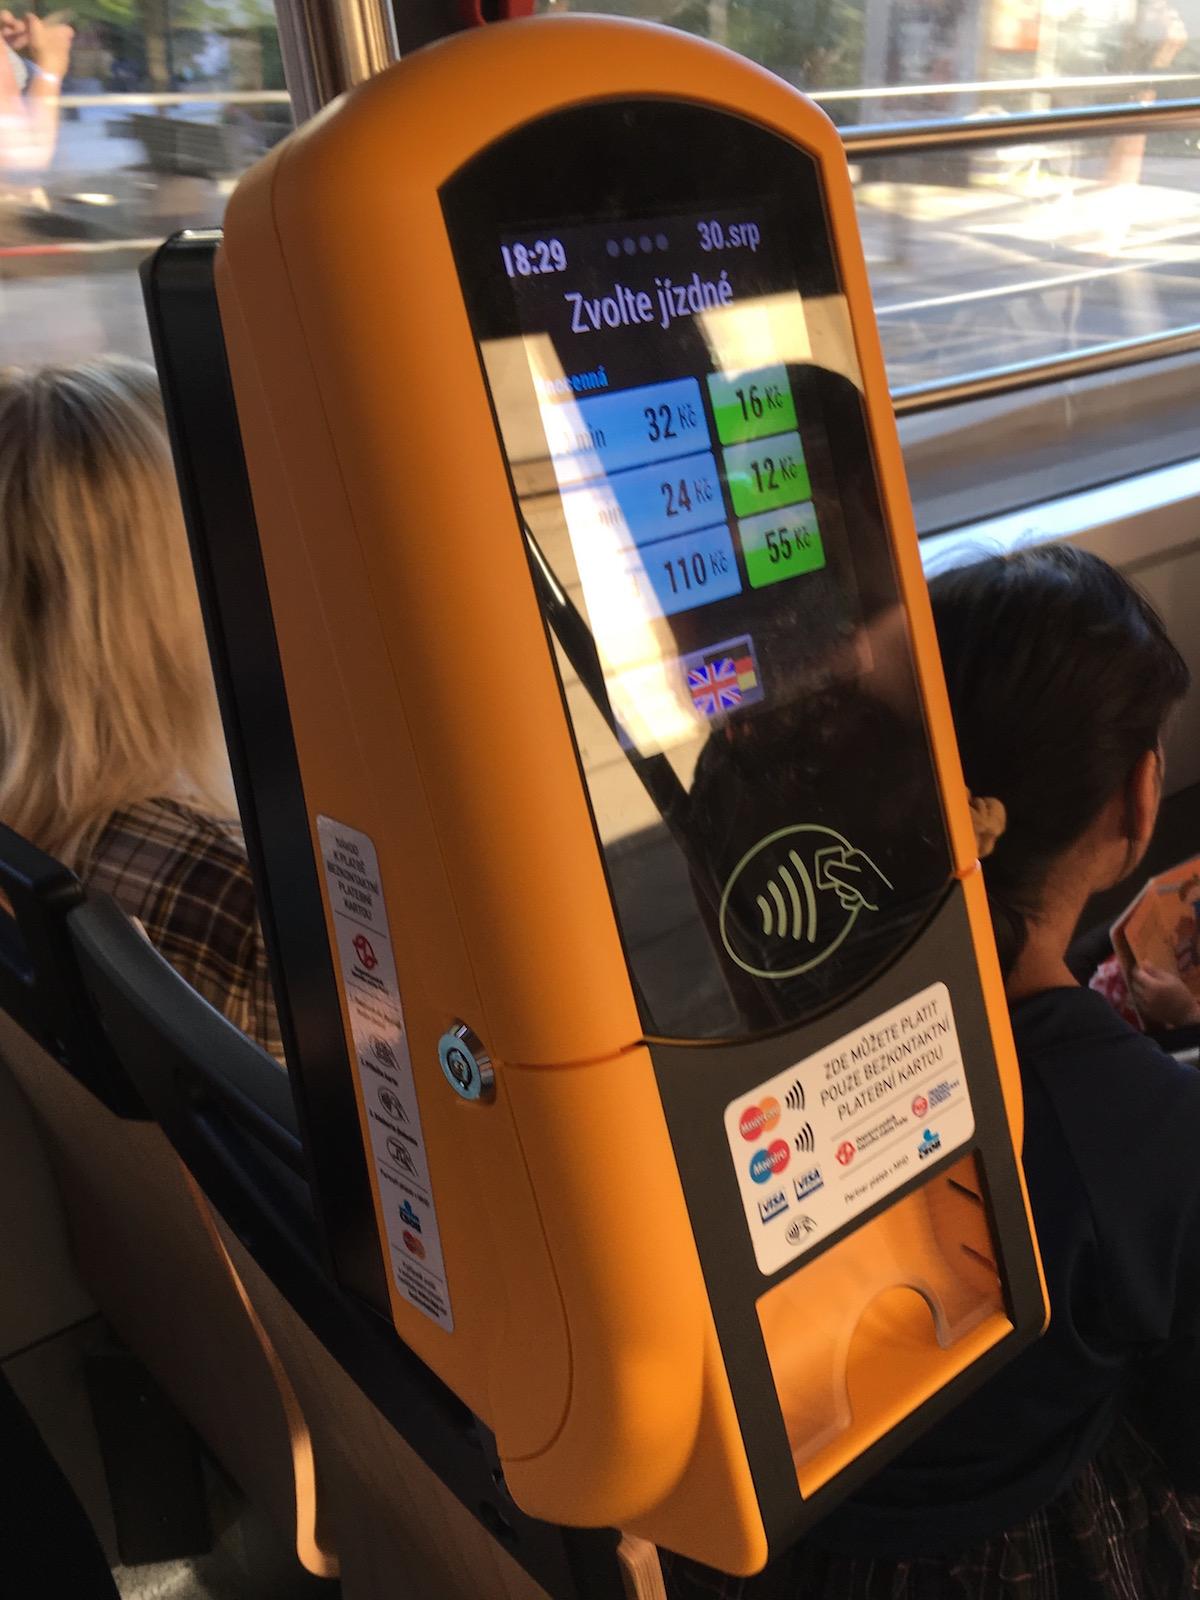 Kontaktlose Fahrscheinautomaten